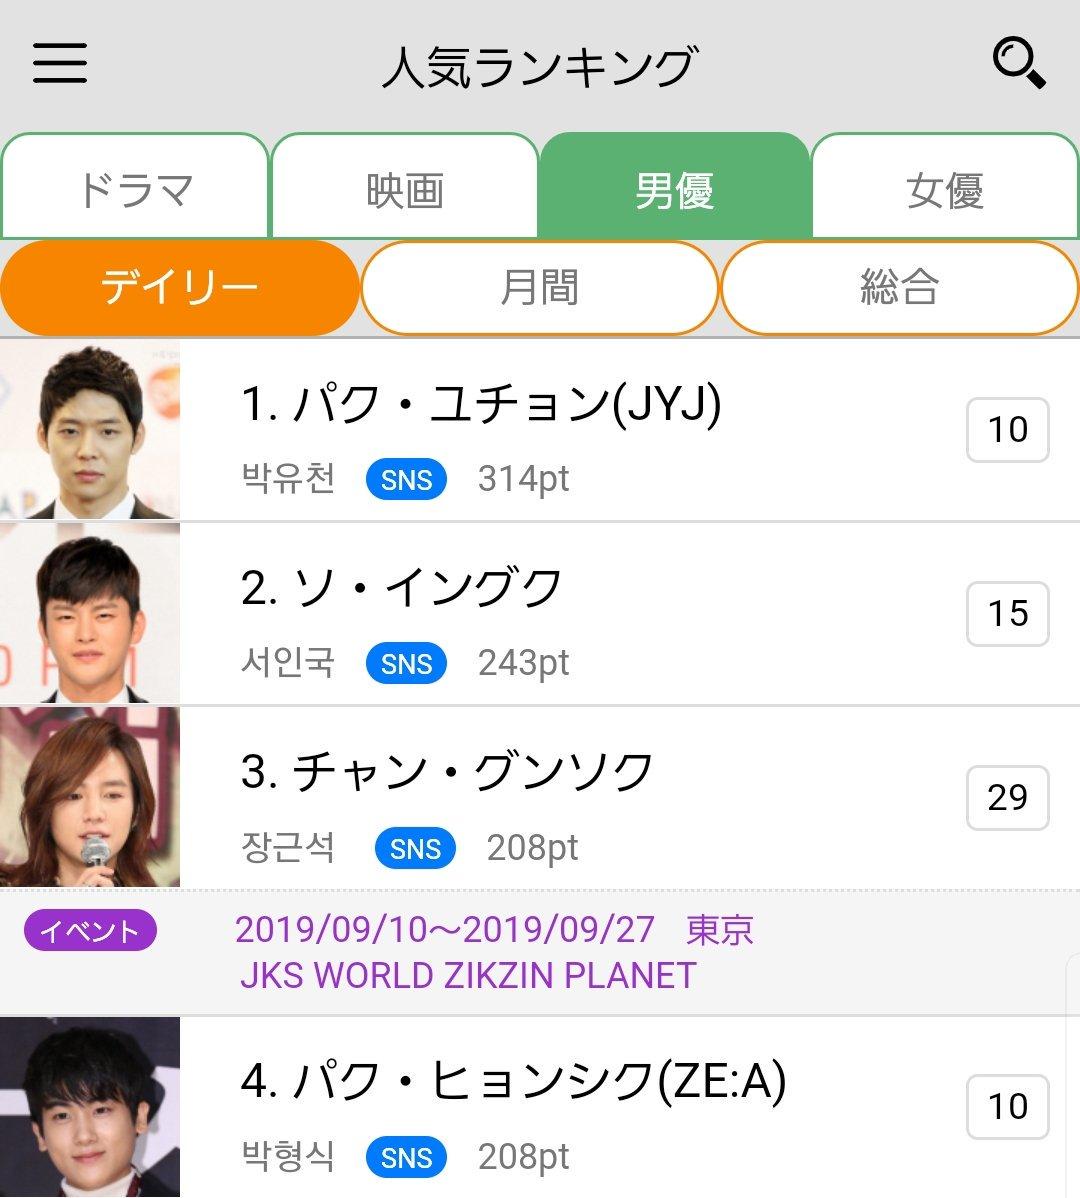 おはよういつも RT ポチッ💓 ありがとうね韓ドラ大辞典の人気投票今日も グンちゃんへの投票頑張りましょうね(≧∇≦)/韓ドラ大事典 Android iPhone  #チャン・グンソク#グンちゃん#スイッチ